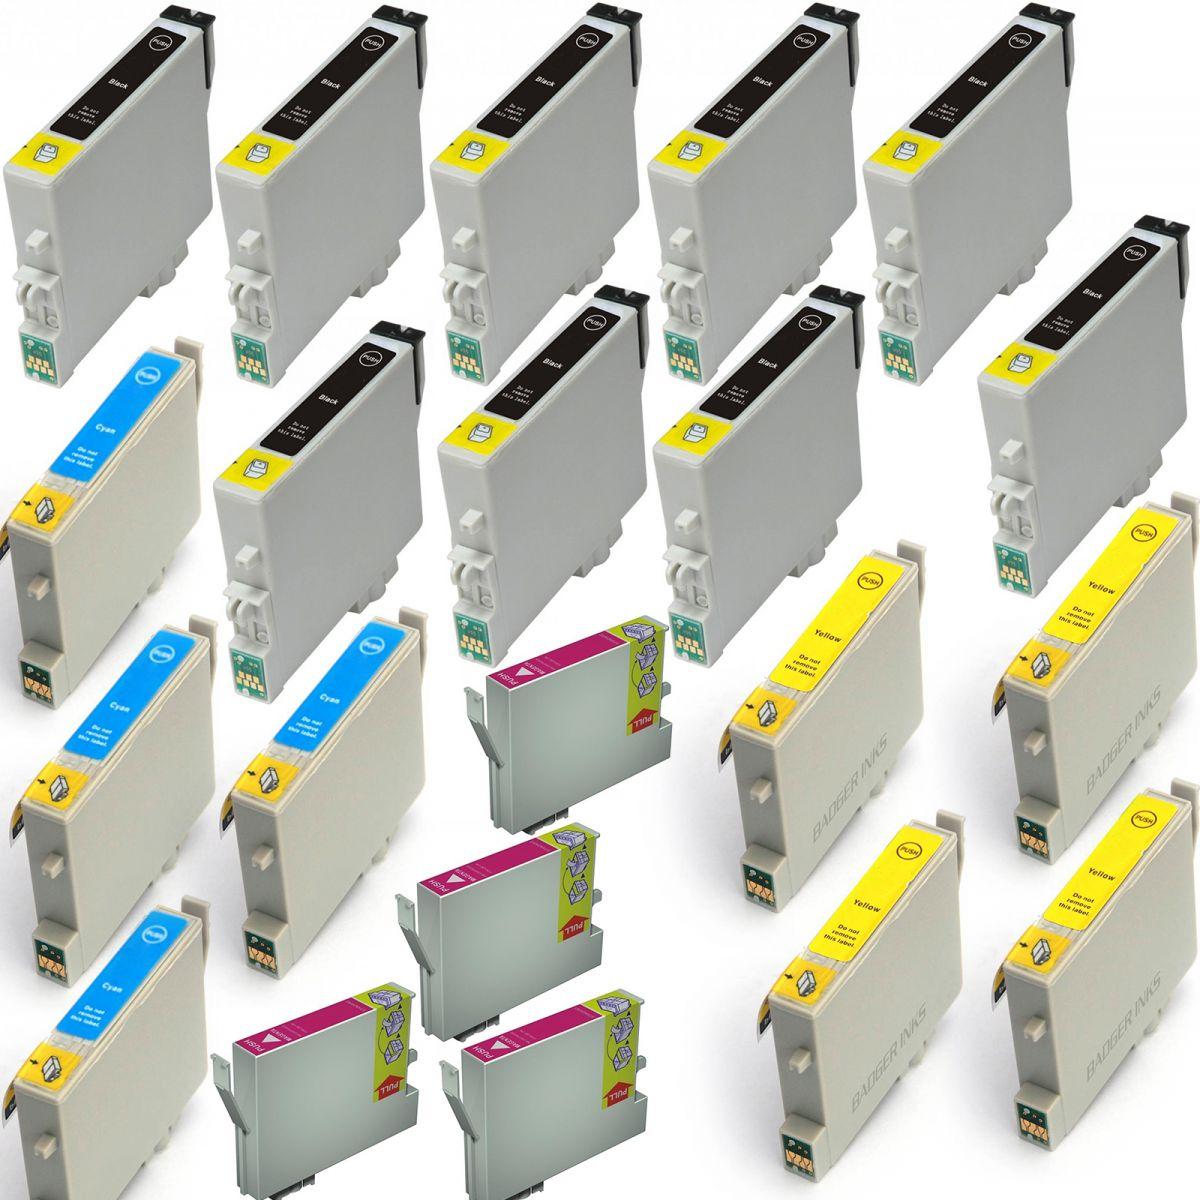 E128x20 20 cartucce compatibili per epson stylus office bx305fw plus s22 sx125 ebay - Epson stylus office bx305fw plus ...